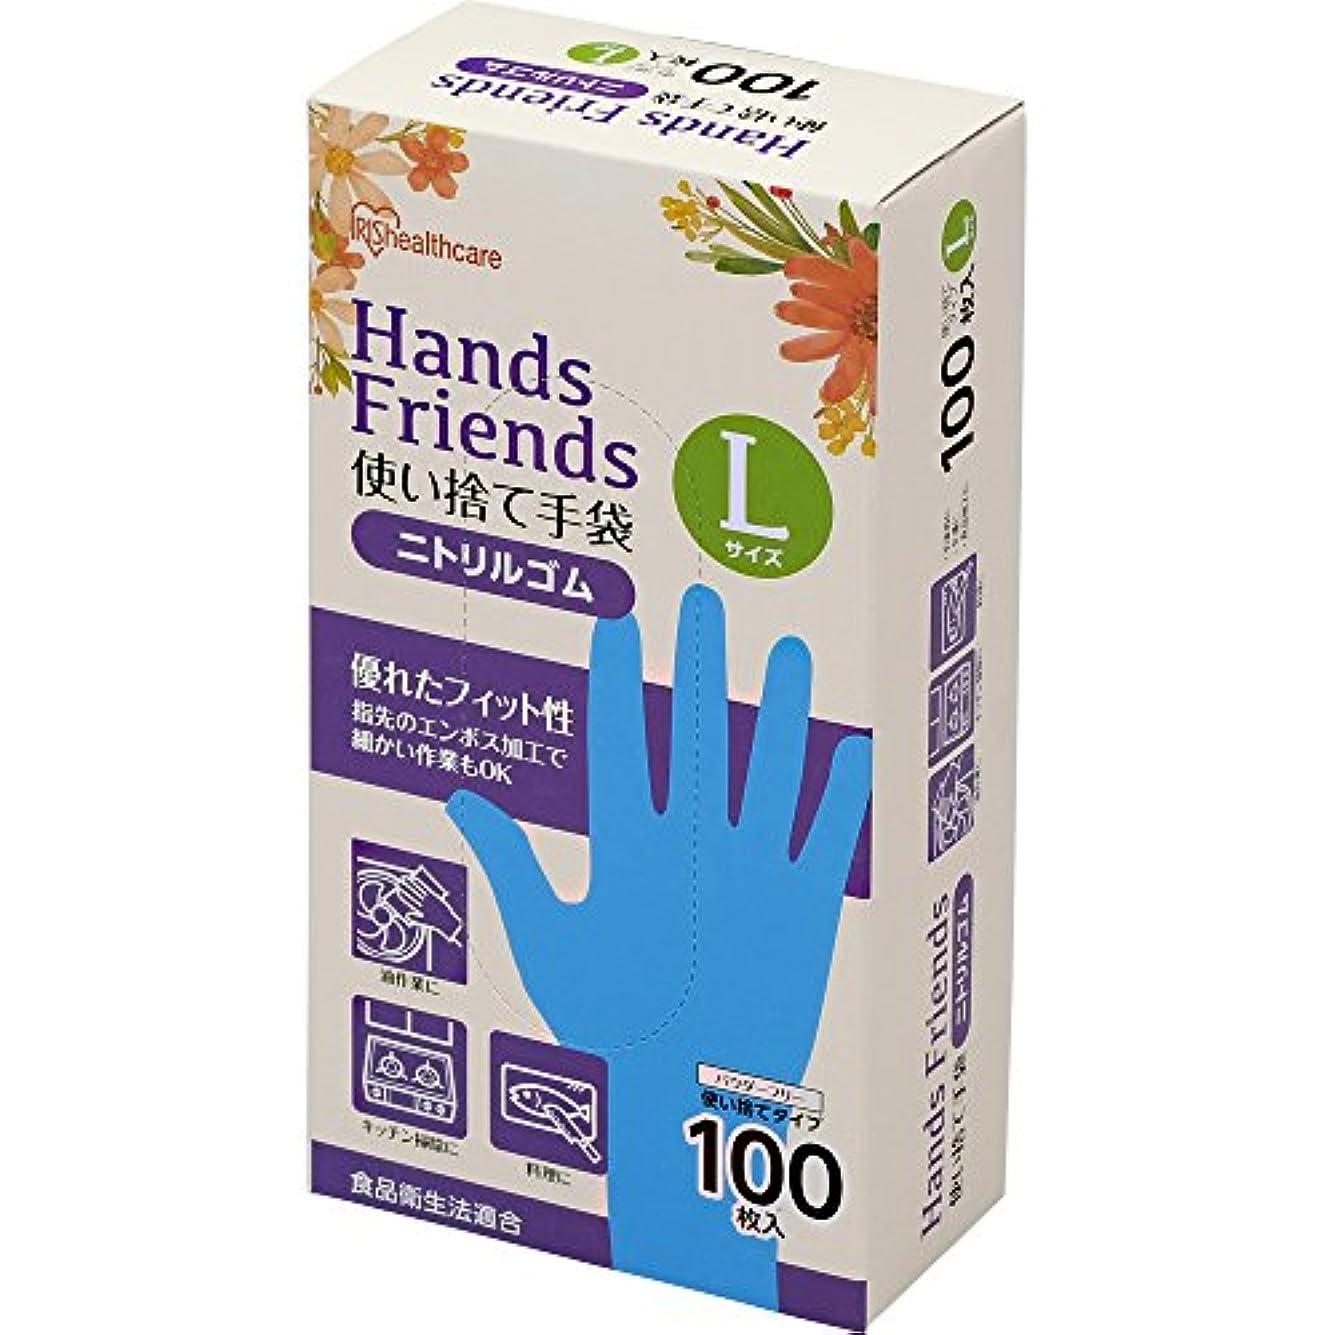 ワットすぐに好意使い捨て手袋 ブルー ニトリルゴム 100枚 Lサイズ NBR-100L